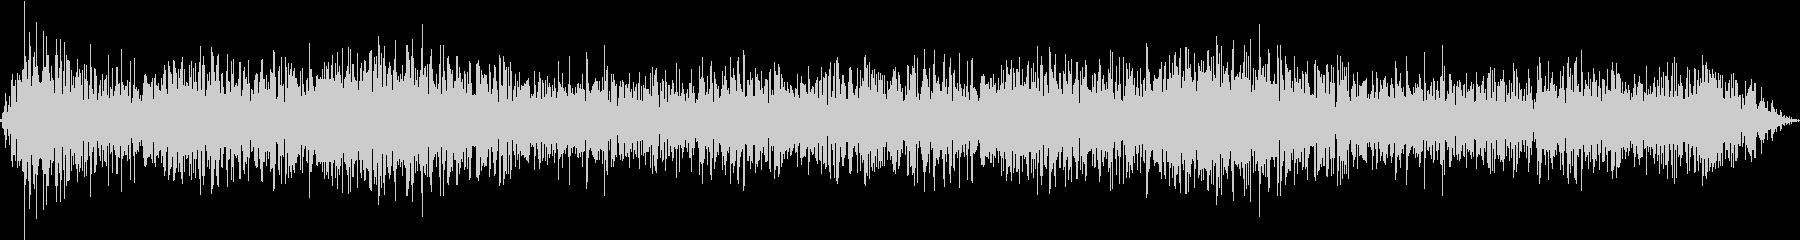 ハーレーダビッドソン:低周波アイド...の未再生の波形